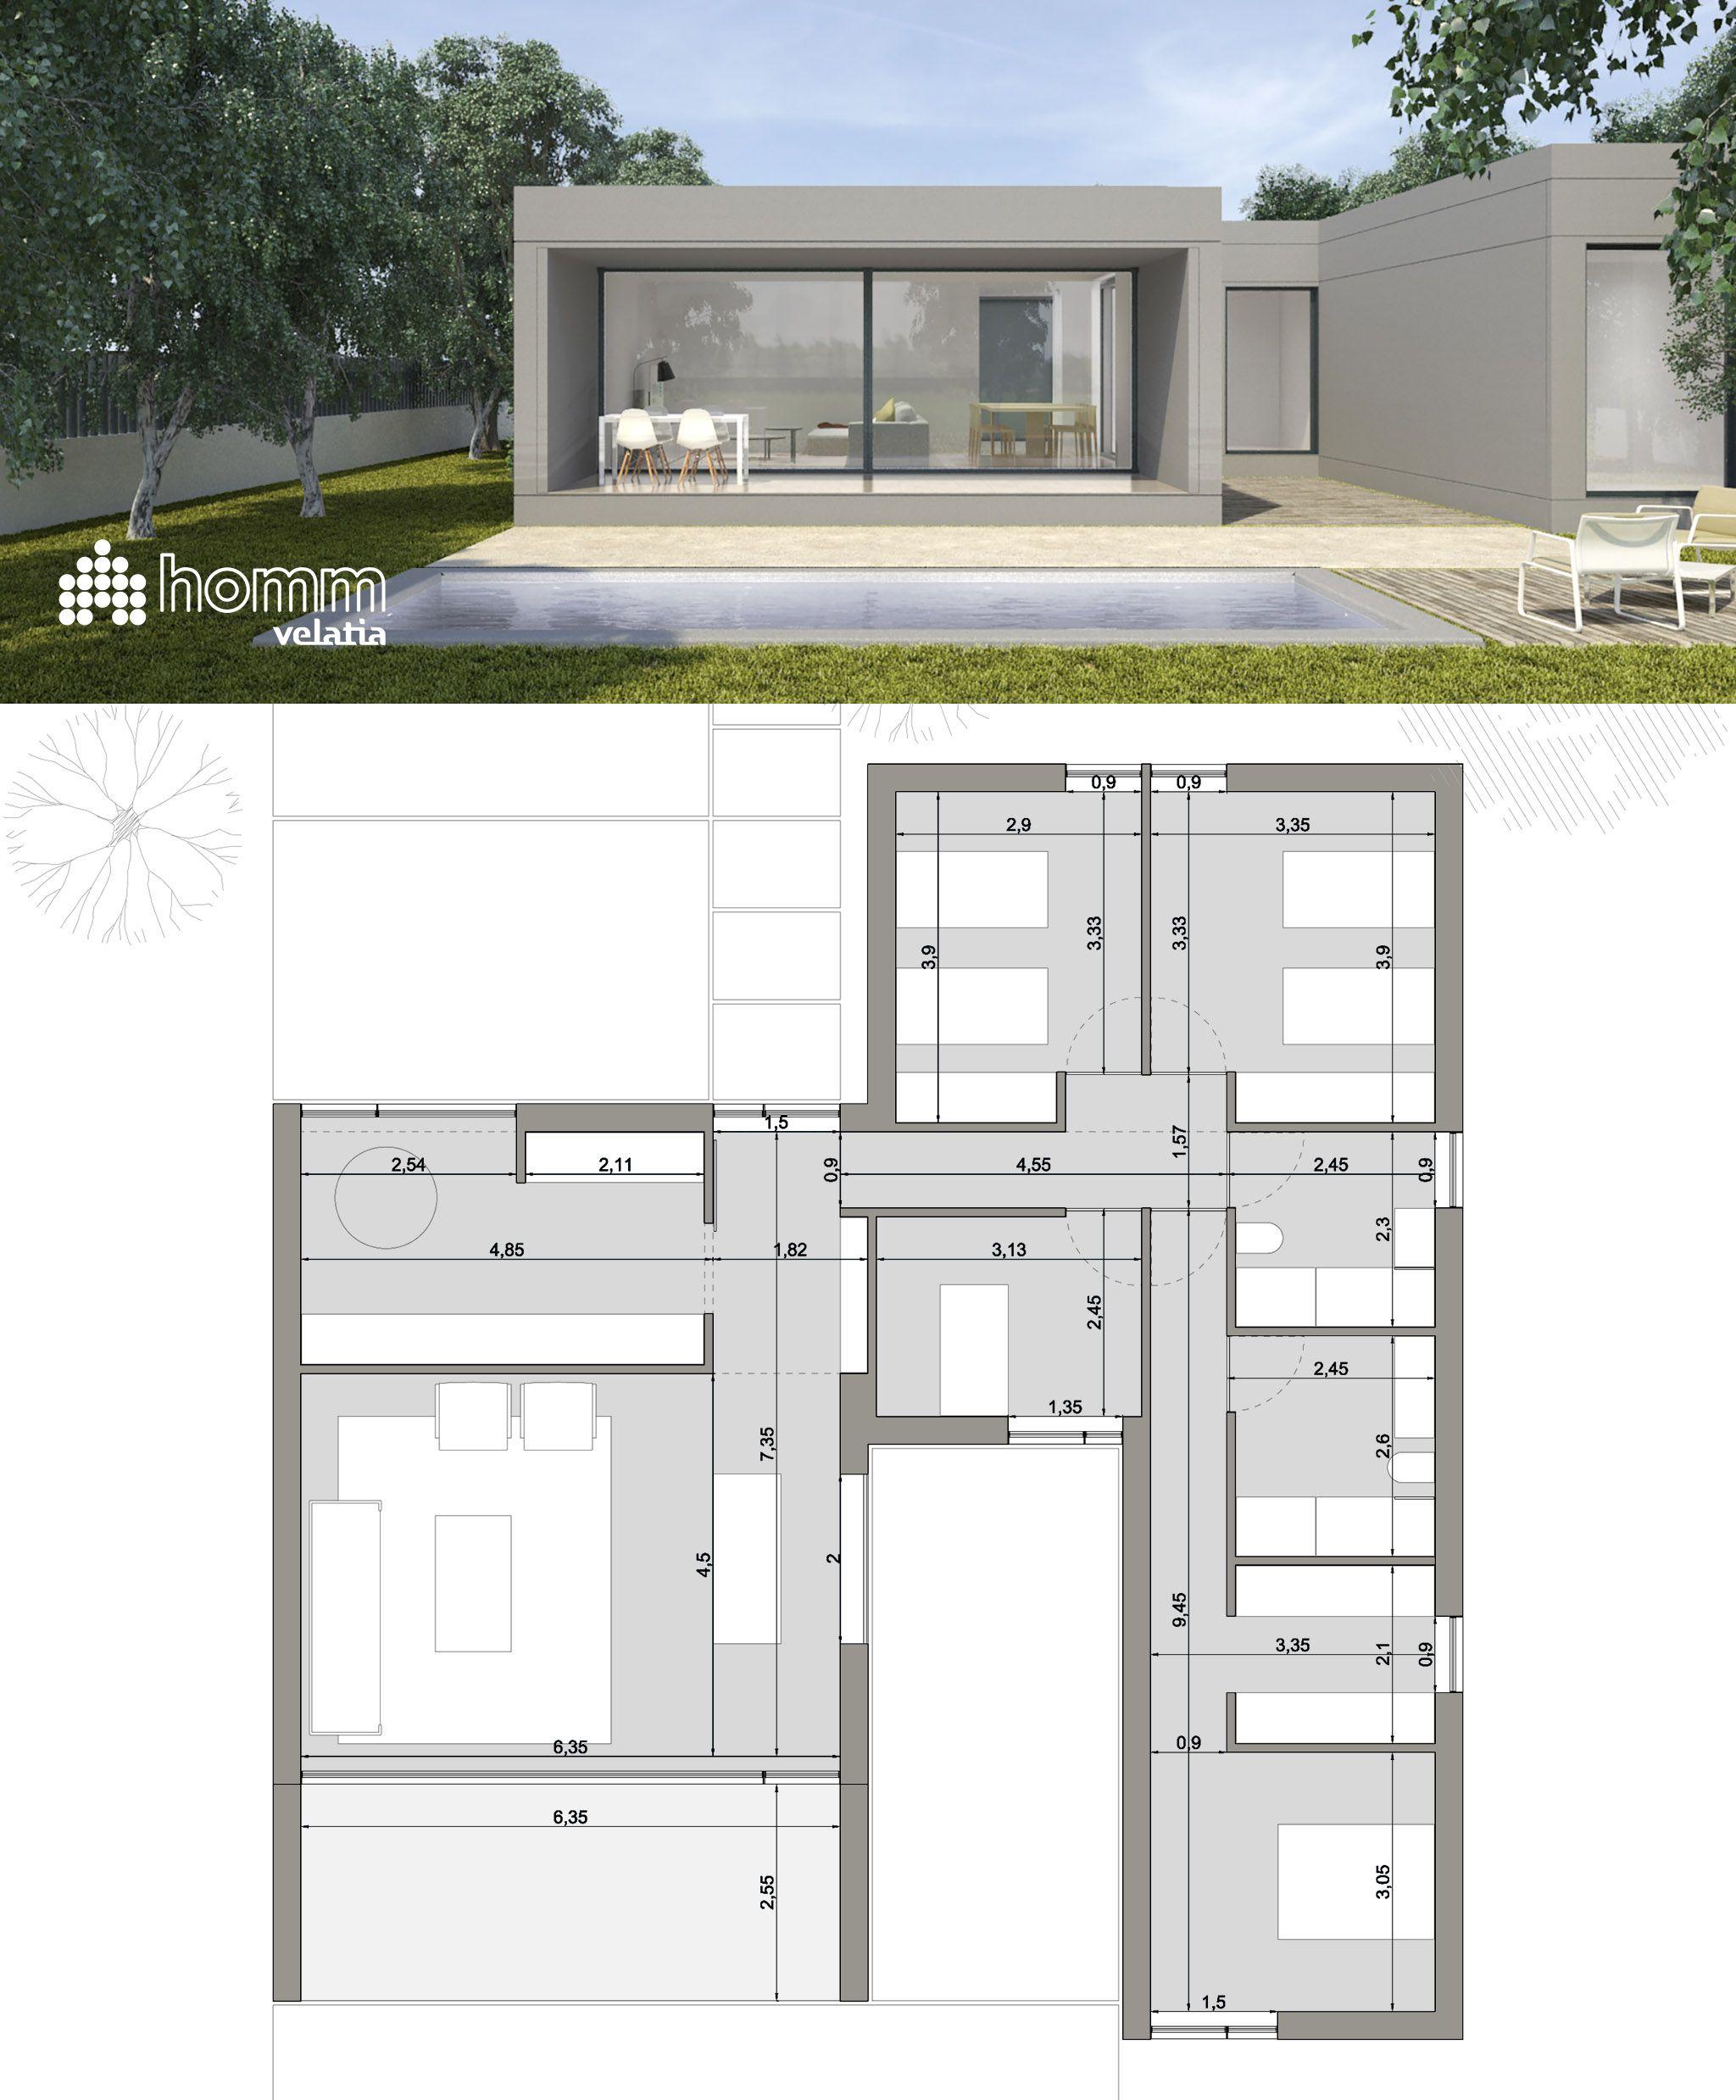 Qu te parece esta casa de 140 m2 y 17 50 m2 de porche - Que es un porche en arquitectura ...